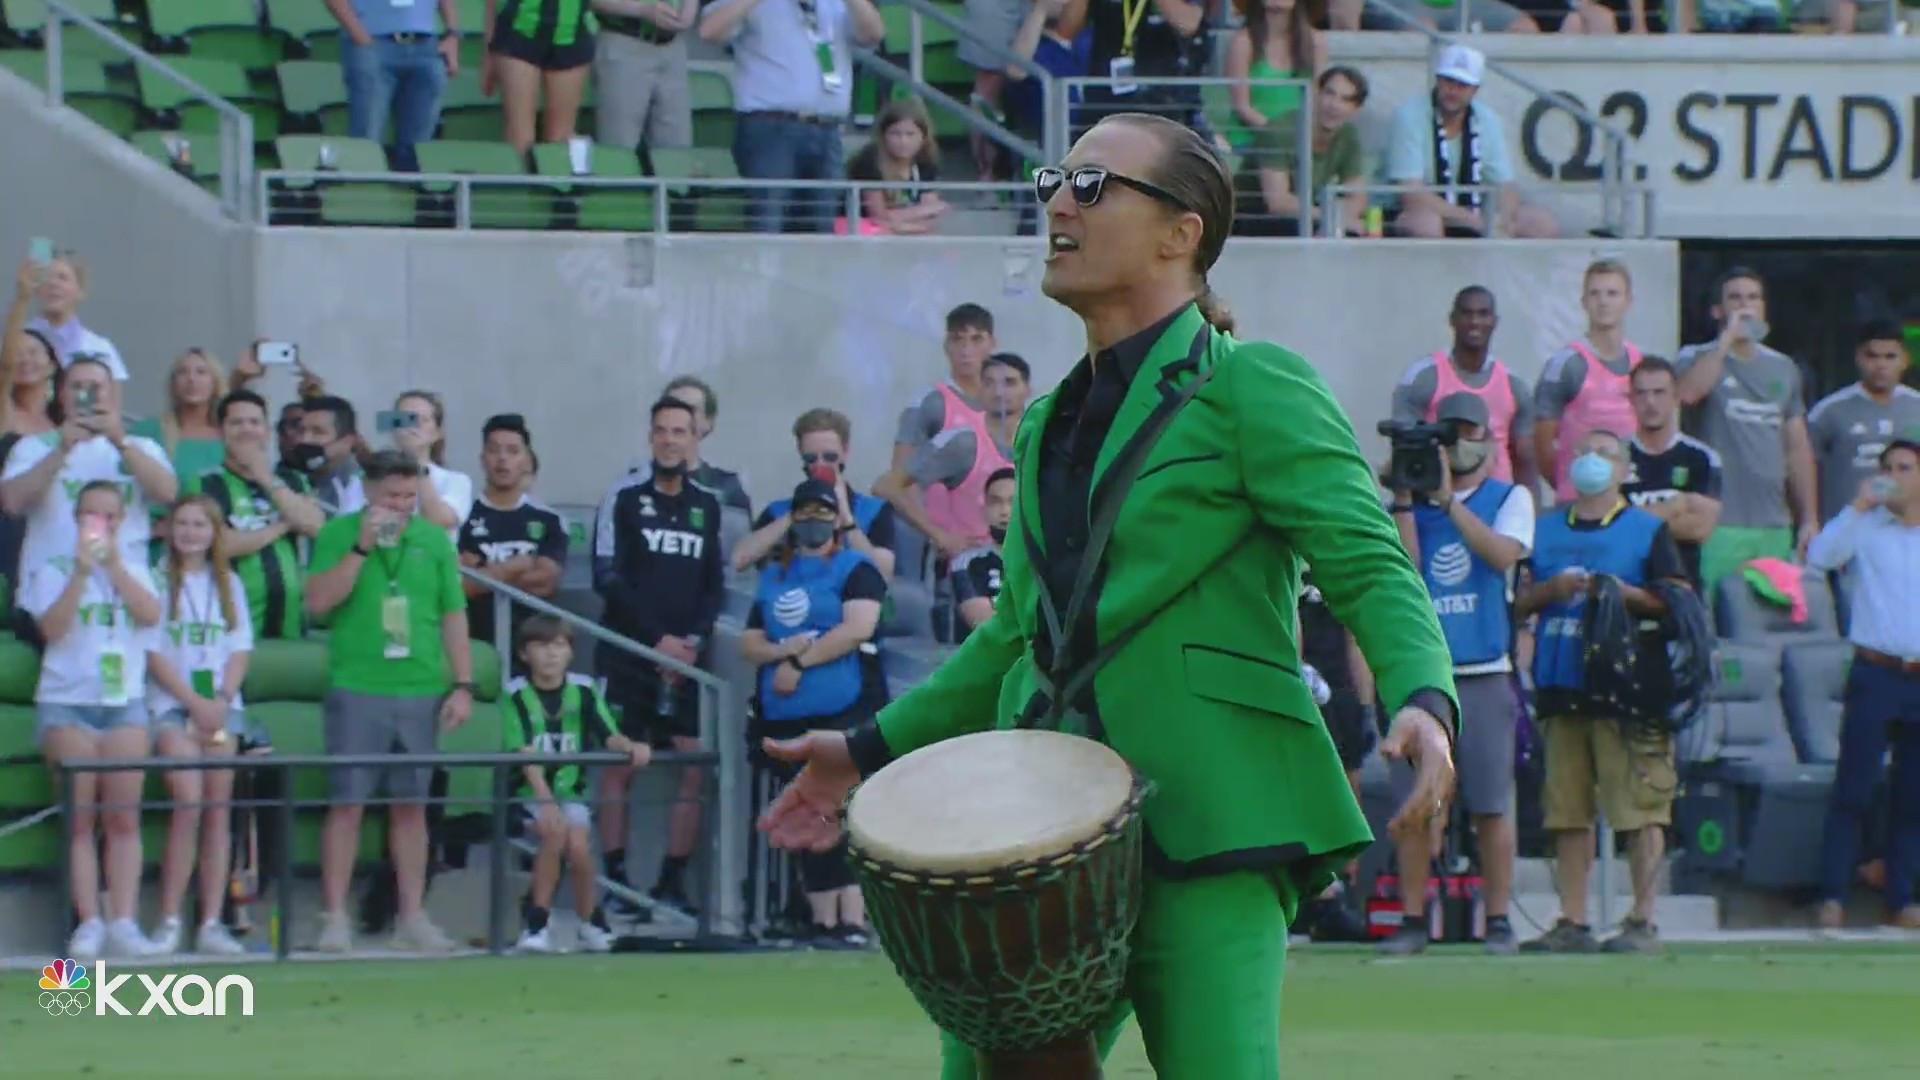 Стук в барабан и зеленый наряд – посмотрите, как Мэттью Макконахи  заводил фанатов «Остина» перед первым домашним матчем сезона